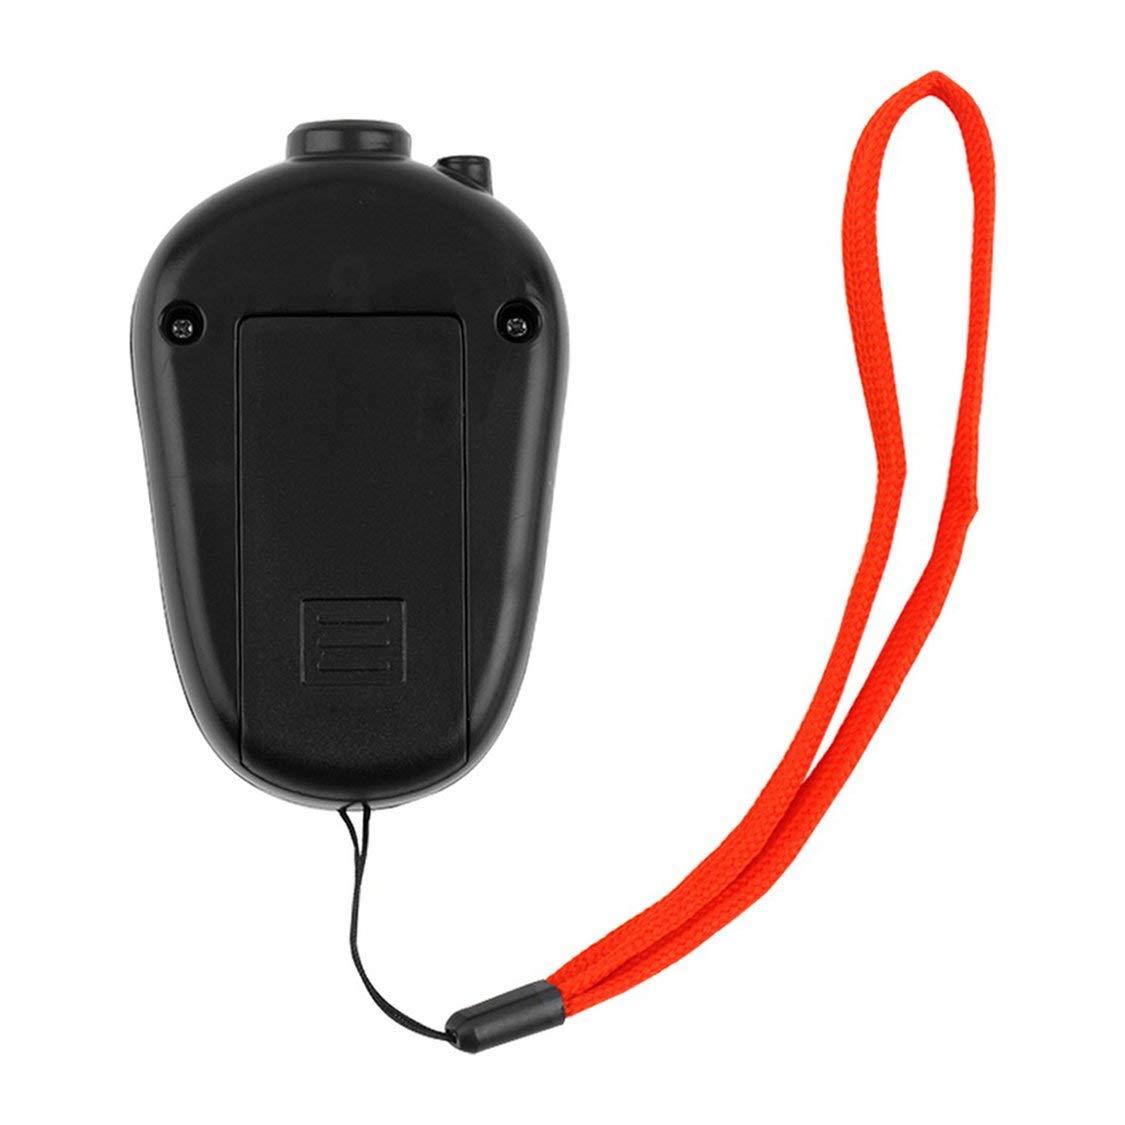 Portable 50 /à 300 eter m/ètre Mini Digital sans contact IR infrarouge LCD Thermom/ètre de poche DT-300 compteur de temp/érature